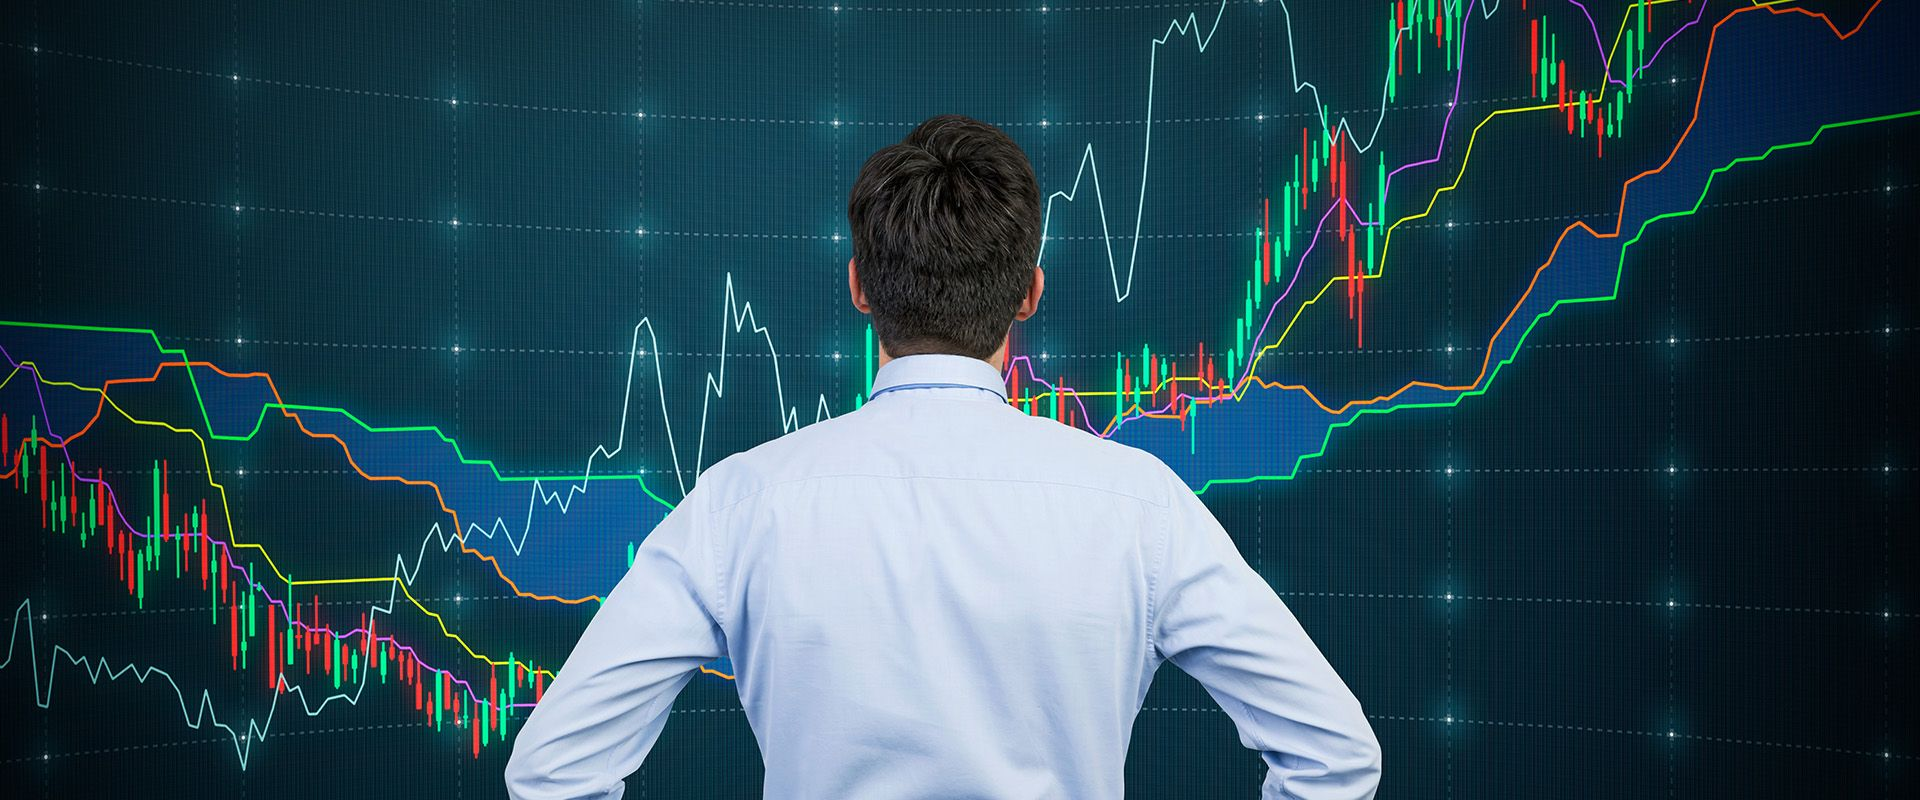 5涨停后3跌停,盘中翻红后再暴跌!是谁在导演这只股票的过山车行情?